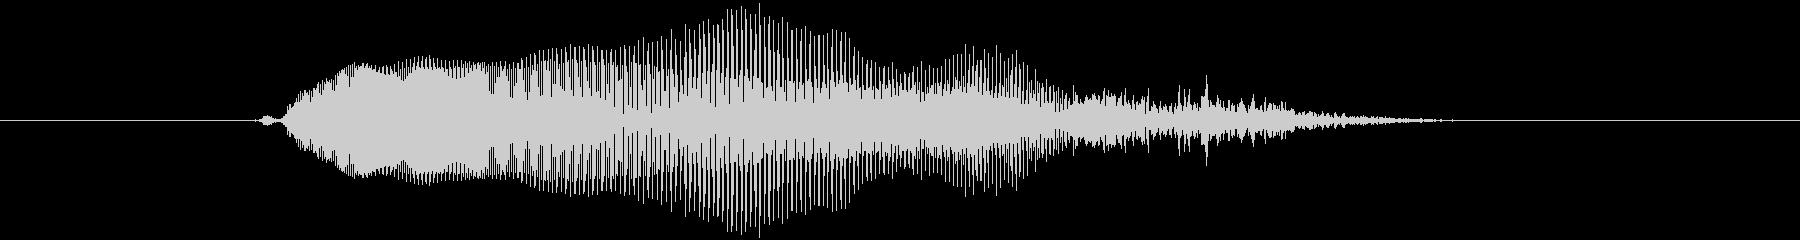 「うぅわっ!」の未再生の波形